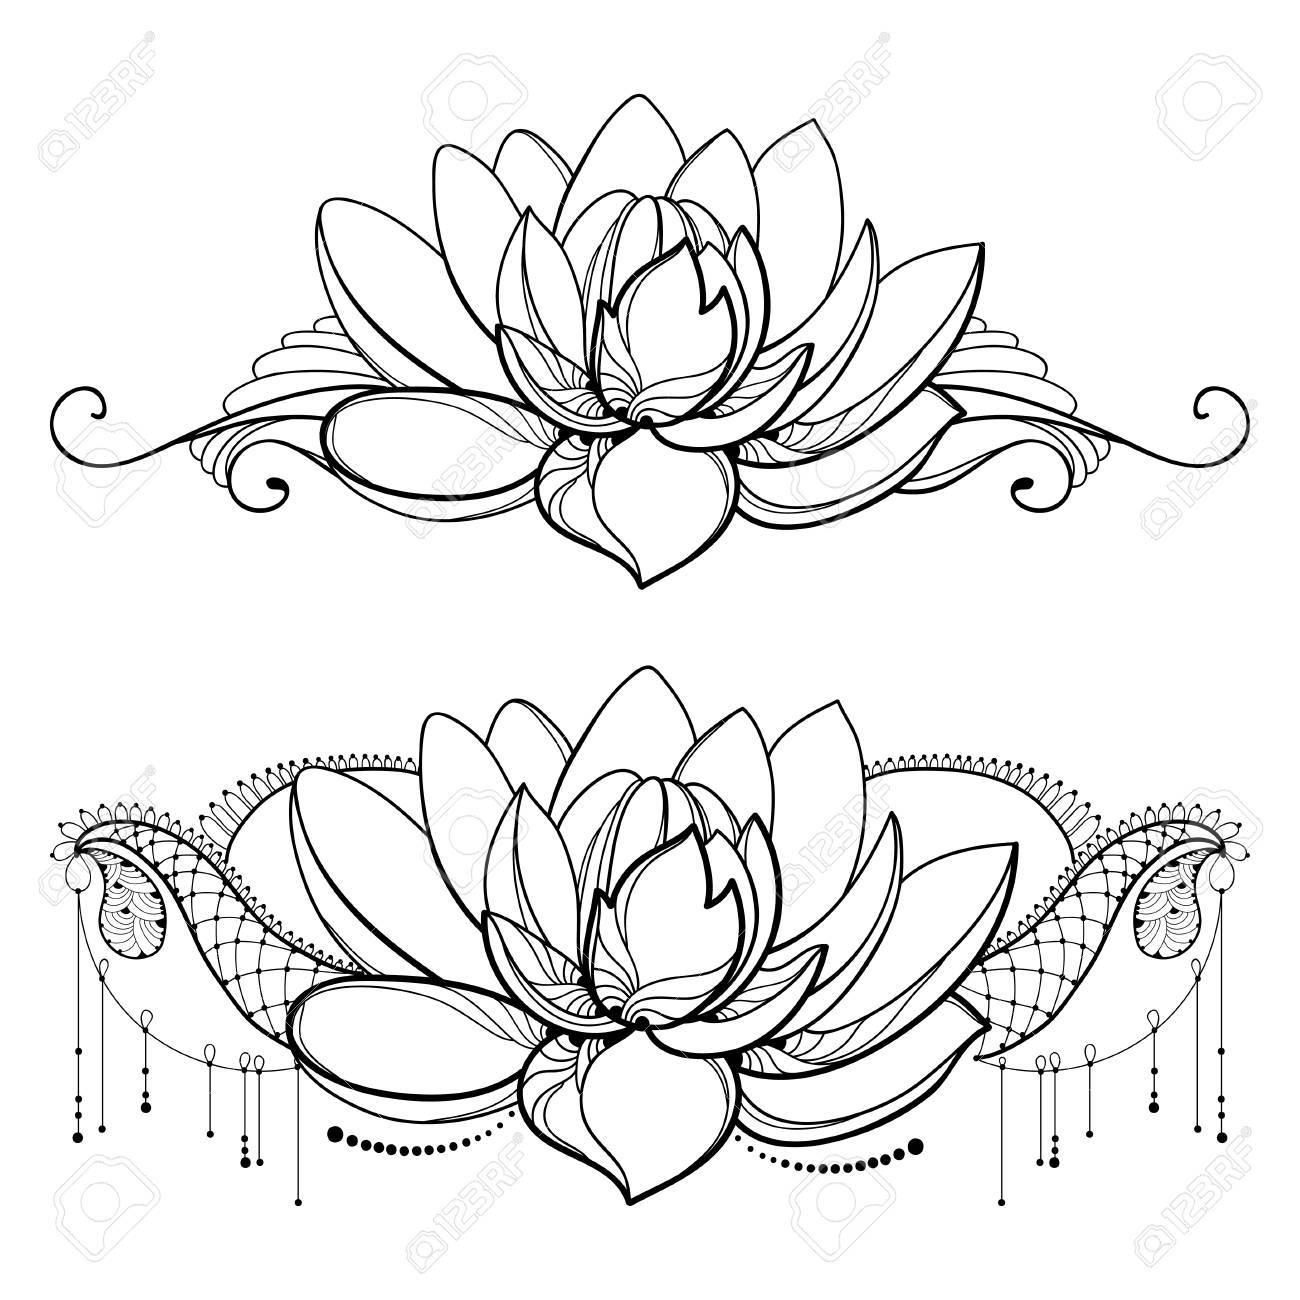 Dessin Avec Contour Fleur De Lotus Dentelle Décorative Et Tourbillons En Noir Isolé Sur Fond Blanc Composition Horizontale Florale Avec Lotus Fleuri